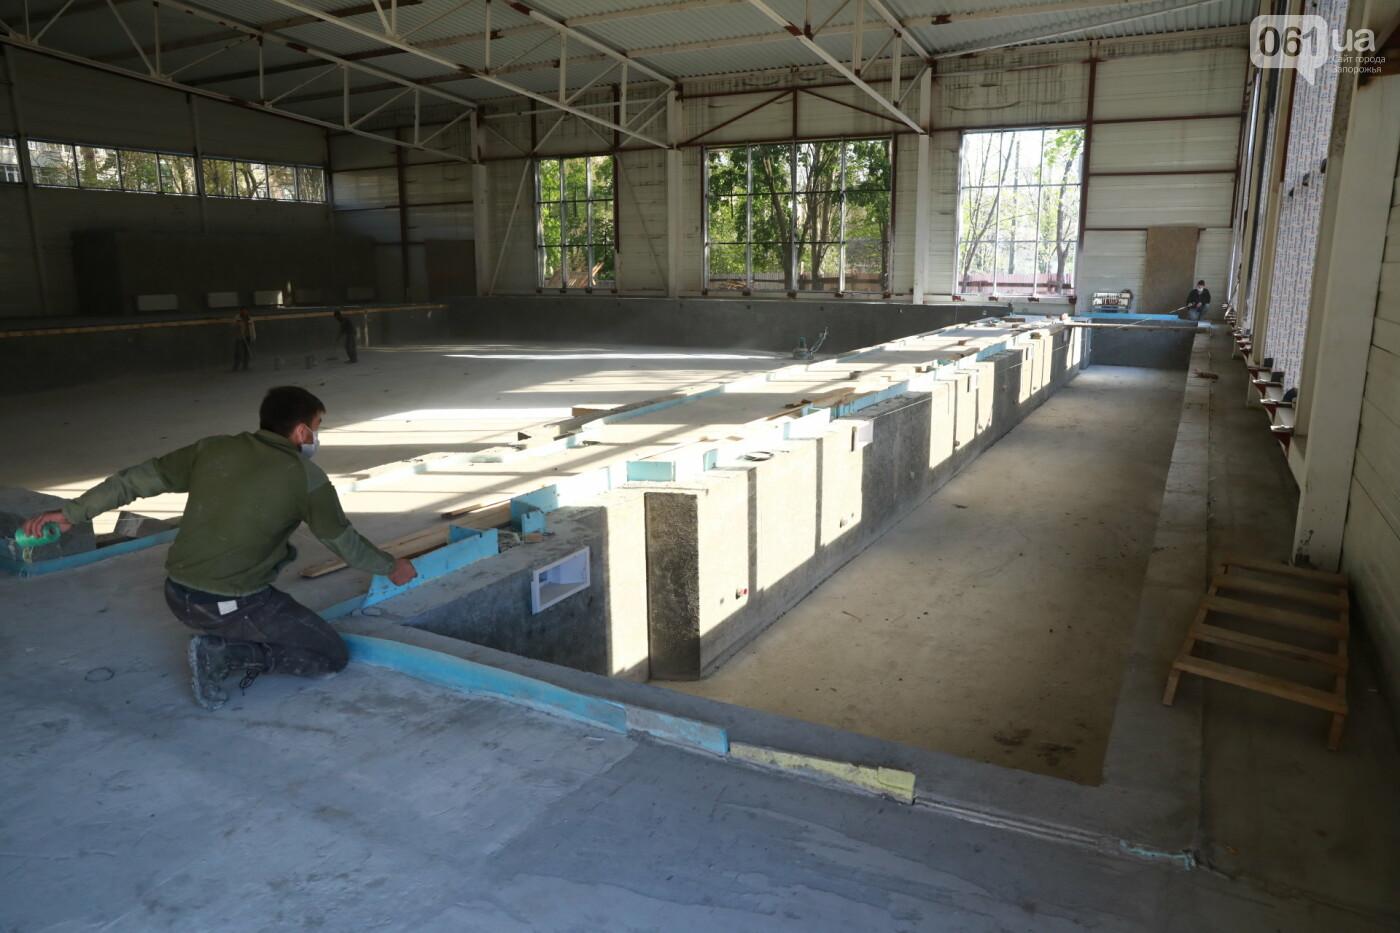 В Мелитополе полным ходом идет строительство водно-спортивного комплекса на 78 миллионов, - ФОТО, фото-3